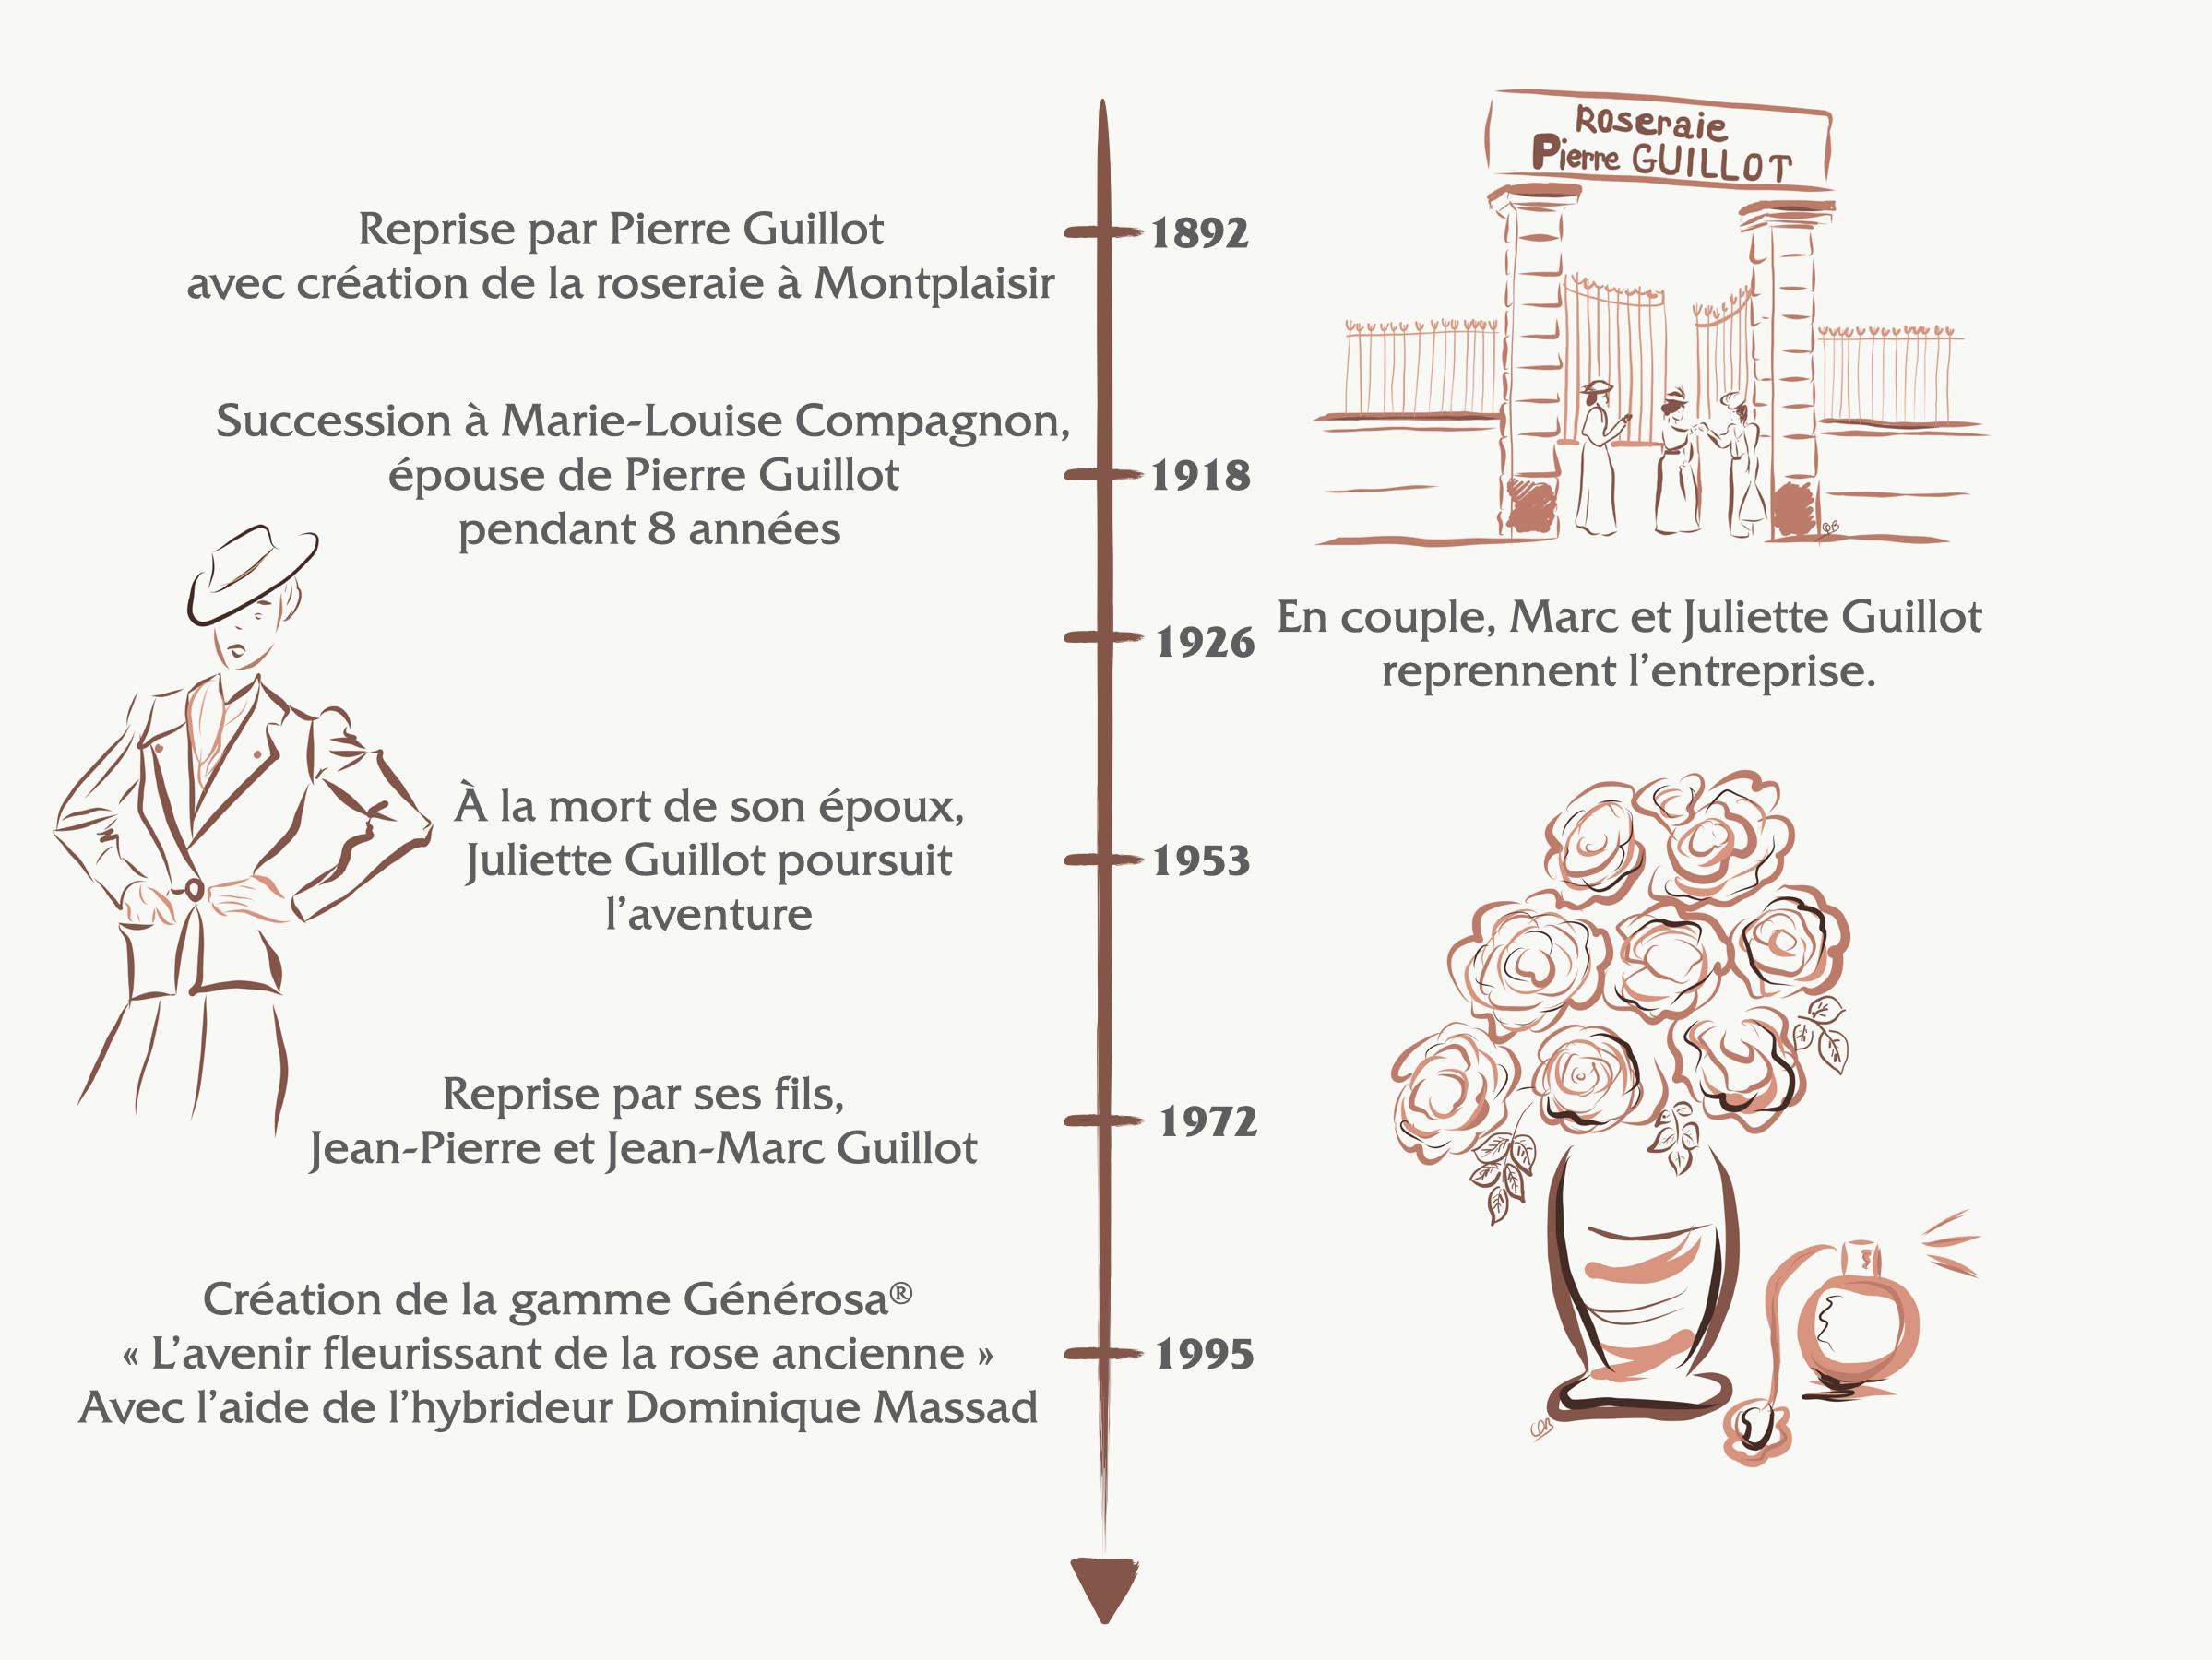 frise chronologique de la Roseraie Guillot® - Roses Anciennes - Roses Guillot®